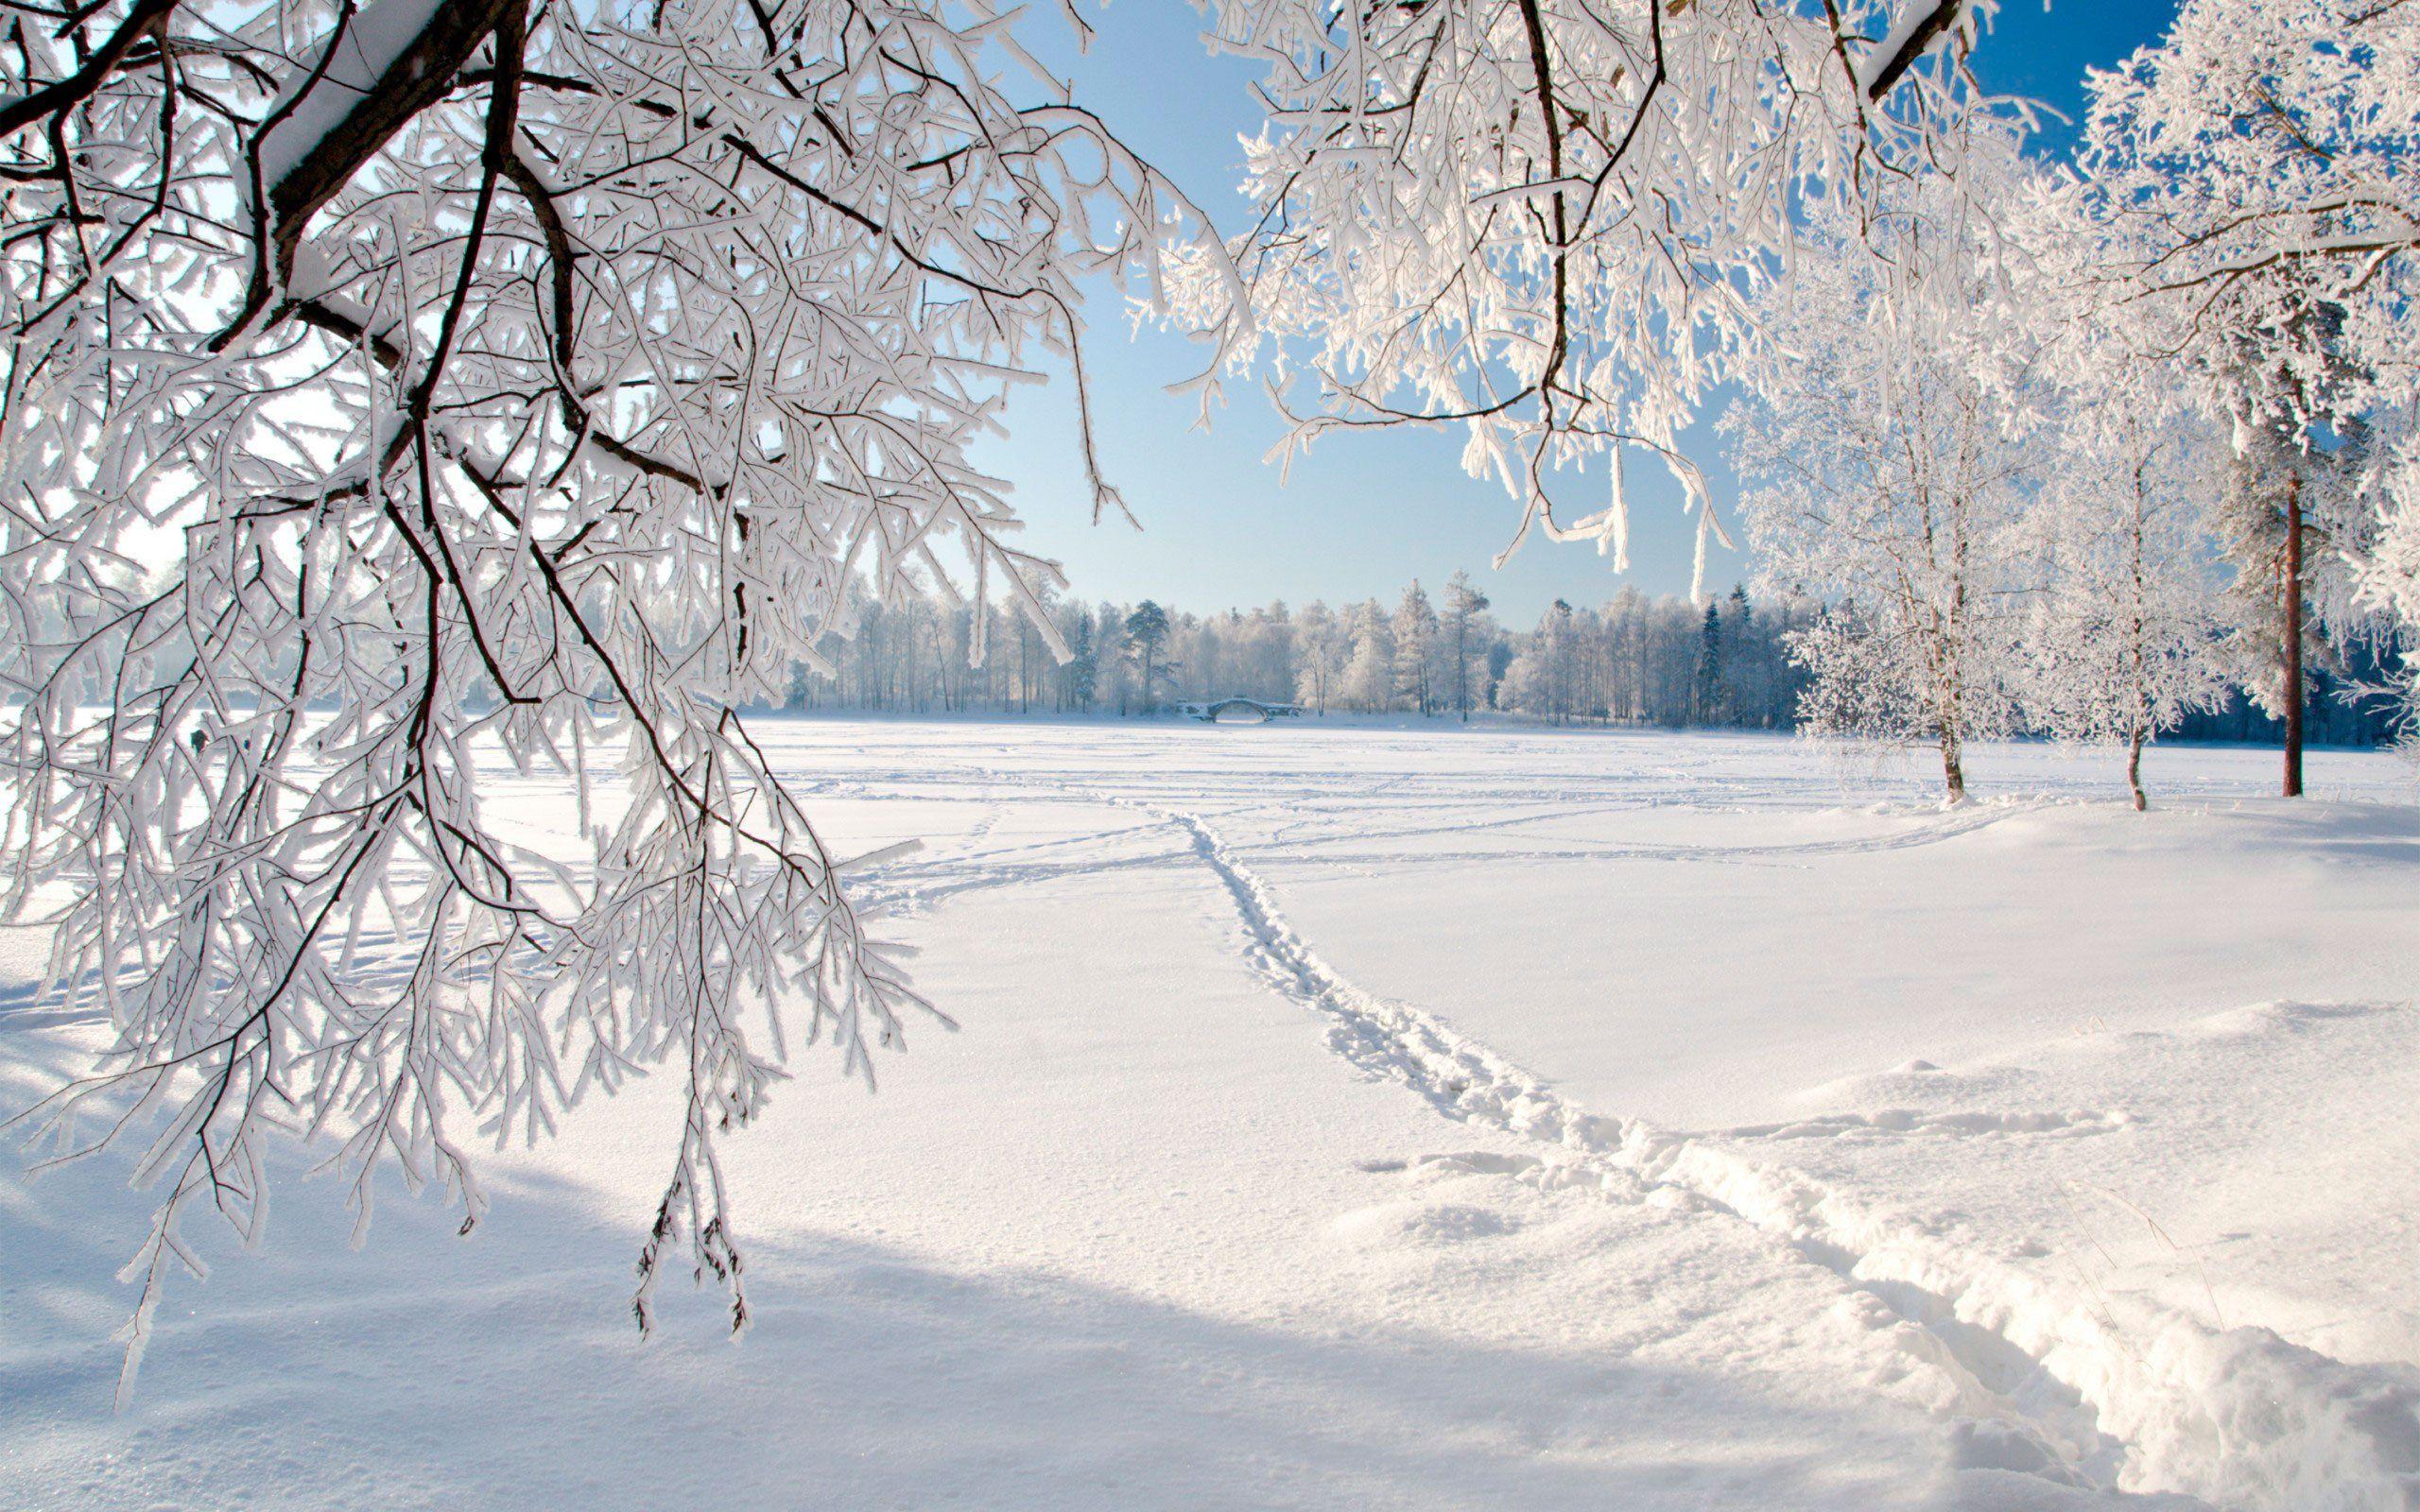 К чему снится чистый белый снег? Сонник: снег белый и чистый, сугробы, снегопад